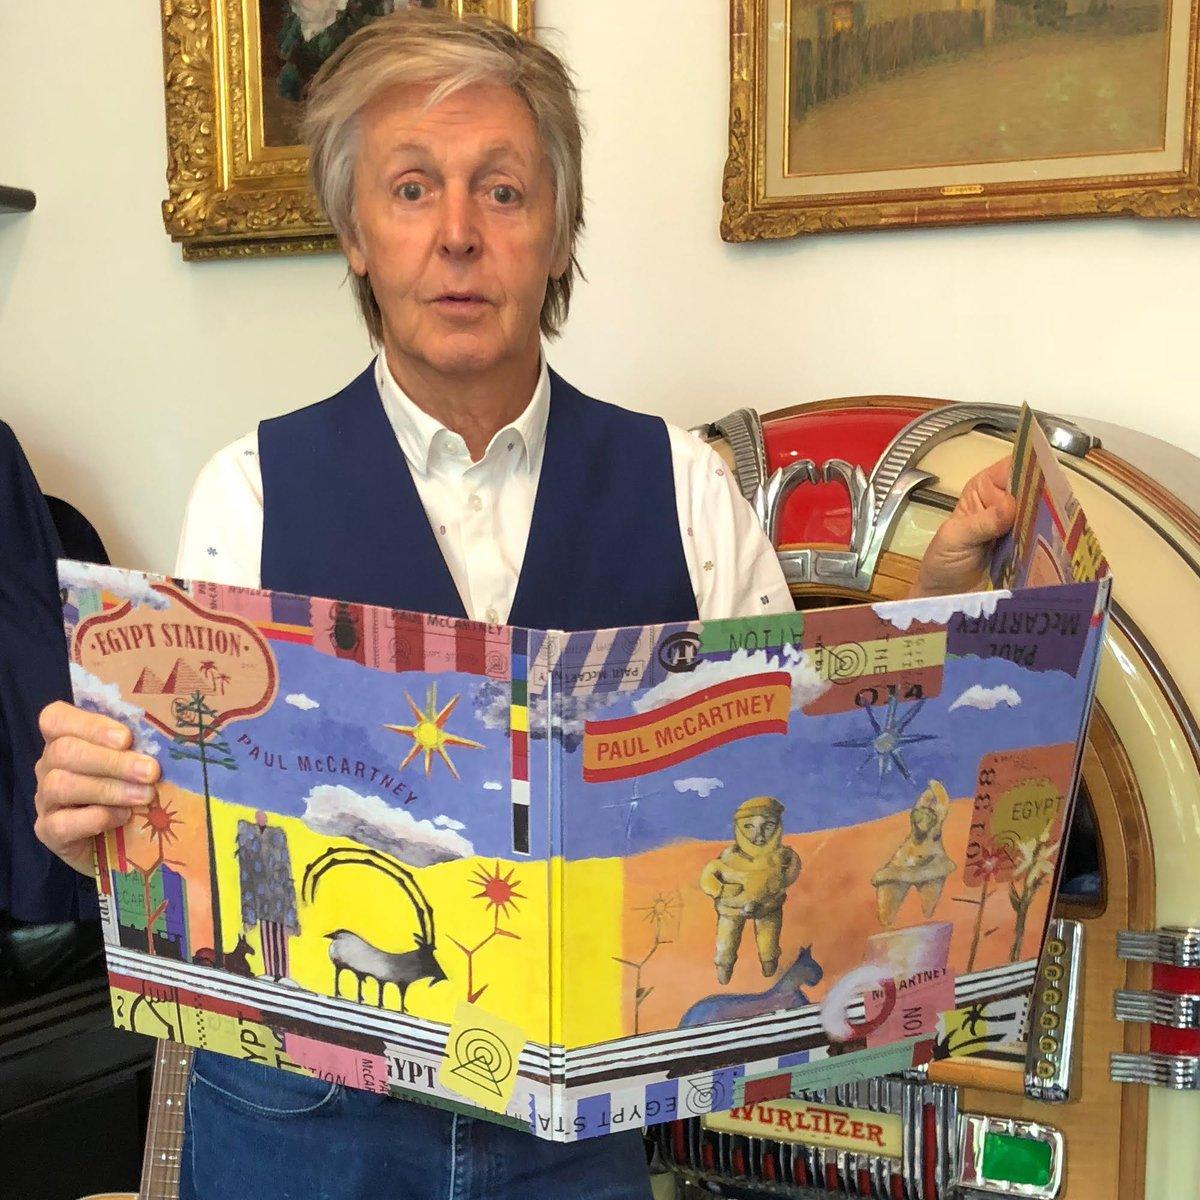 Image result for Paul McCartney egypt station